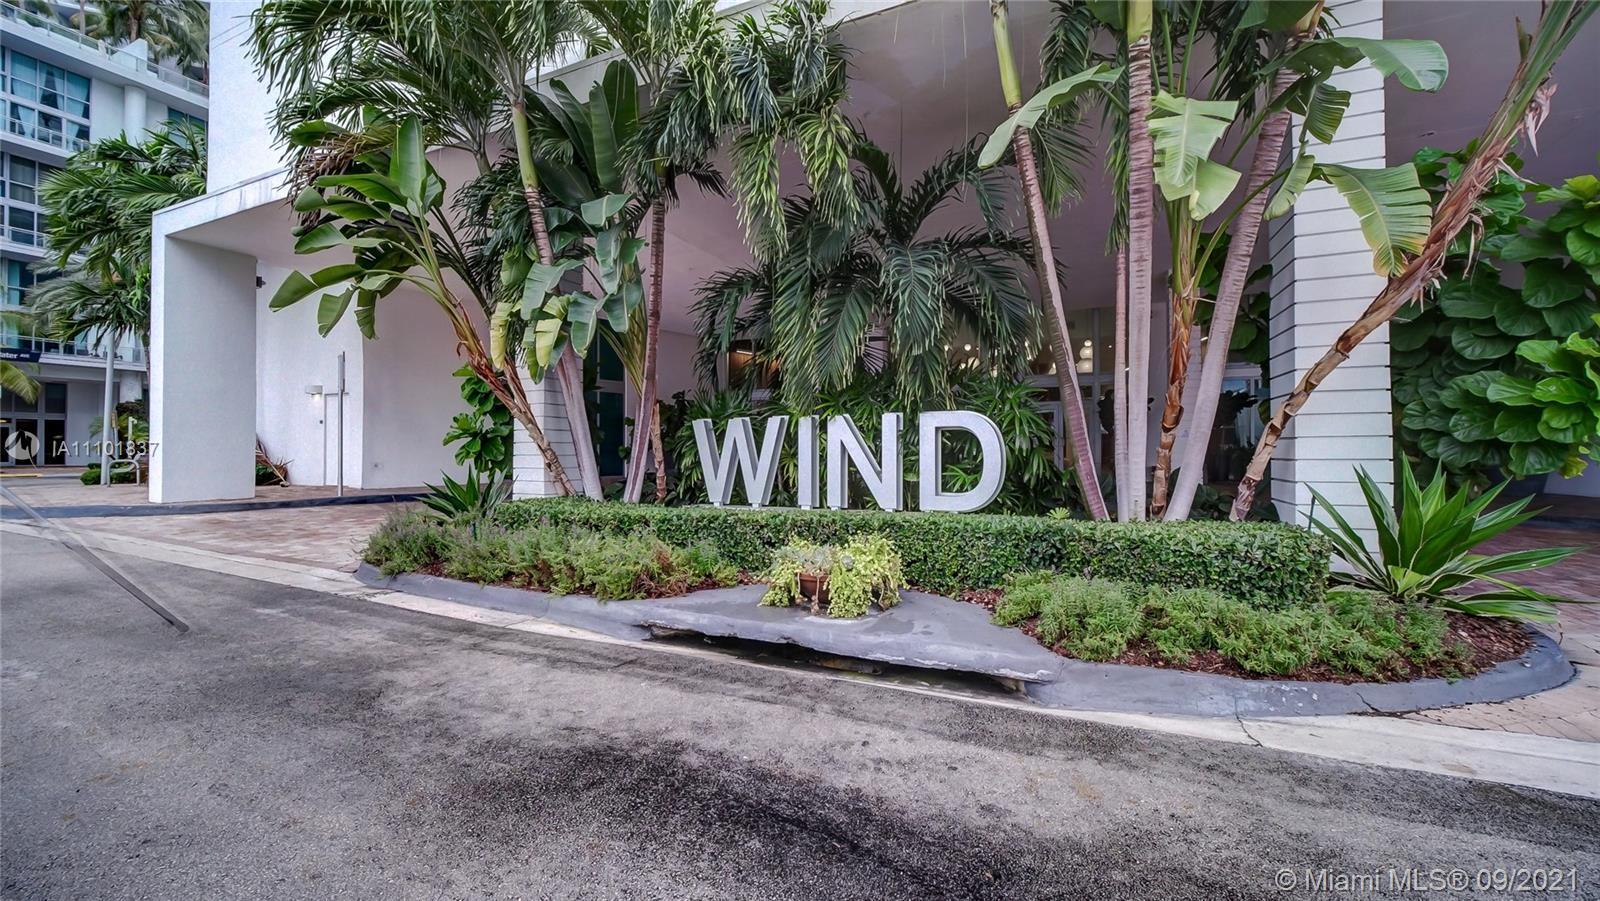 Condo For Sale at WIND CONDO